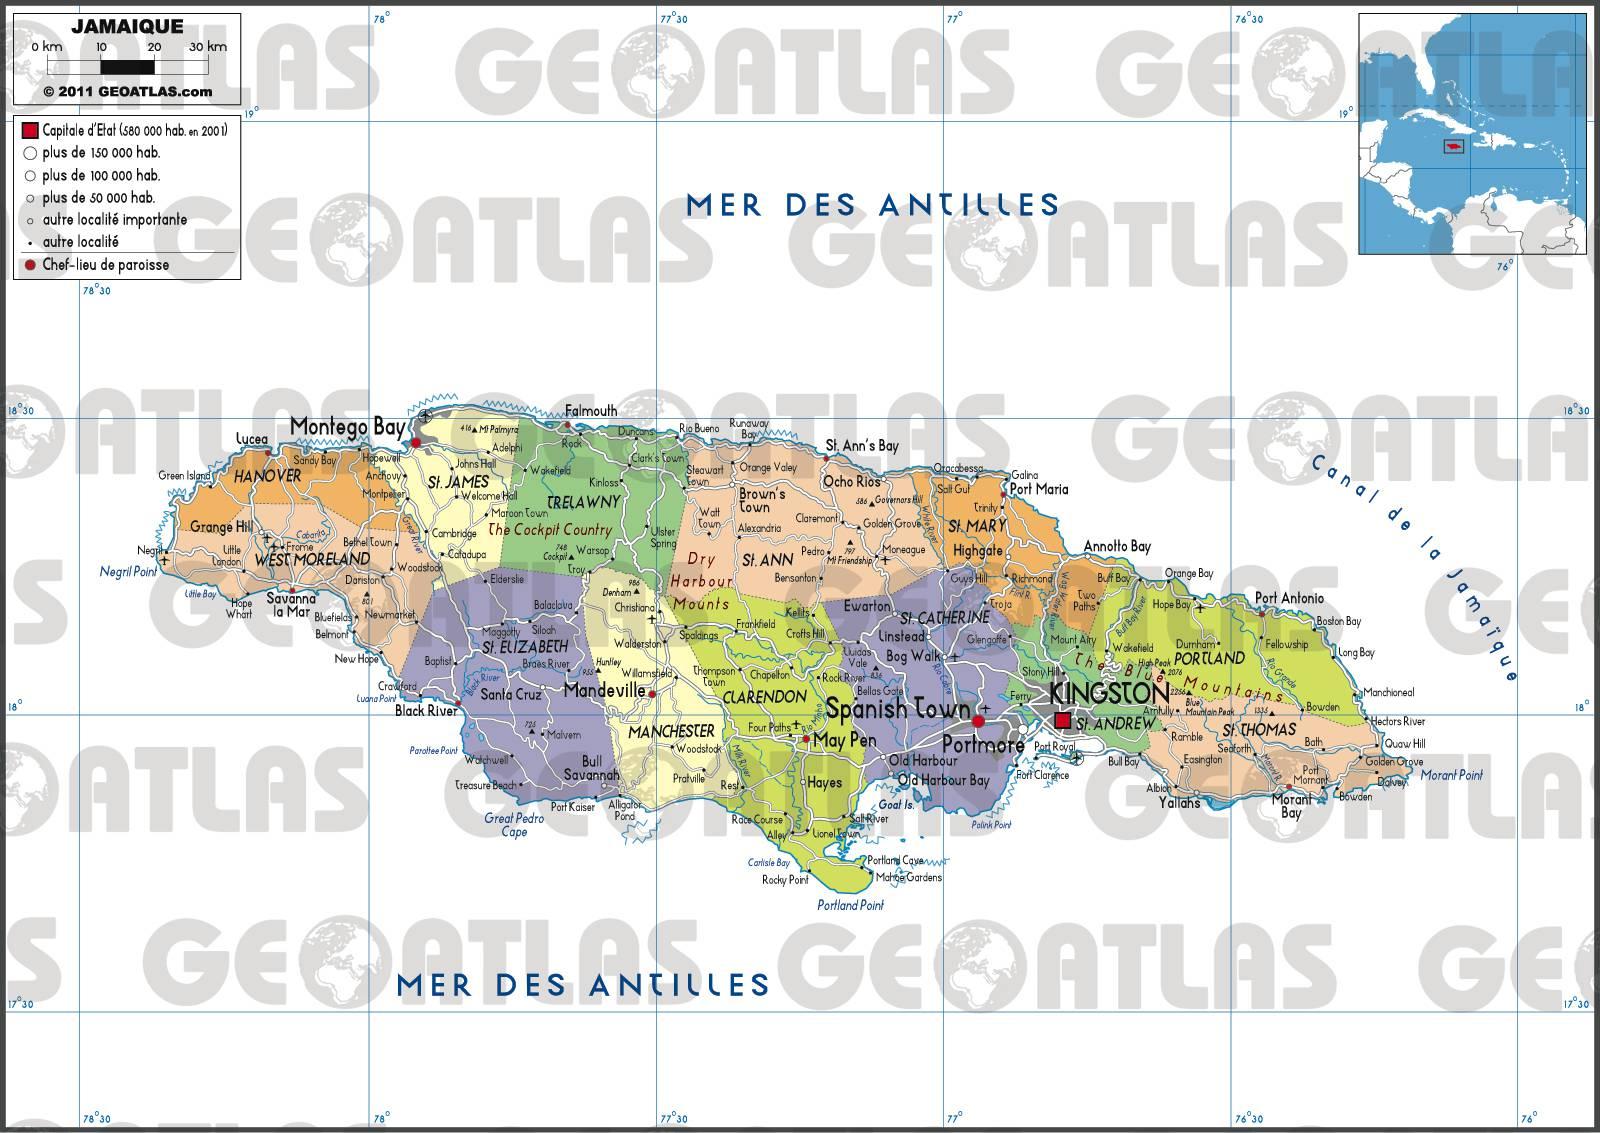 Carte géographique de la Jamaïque